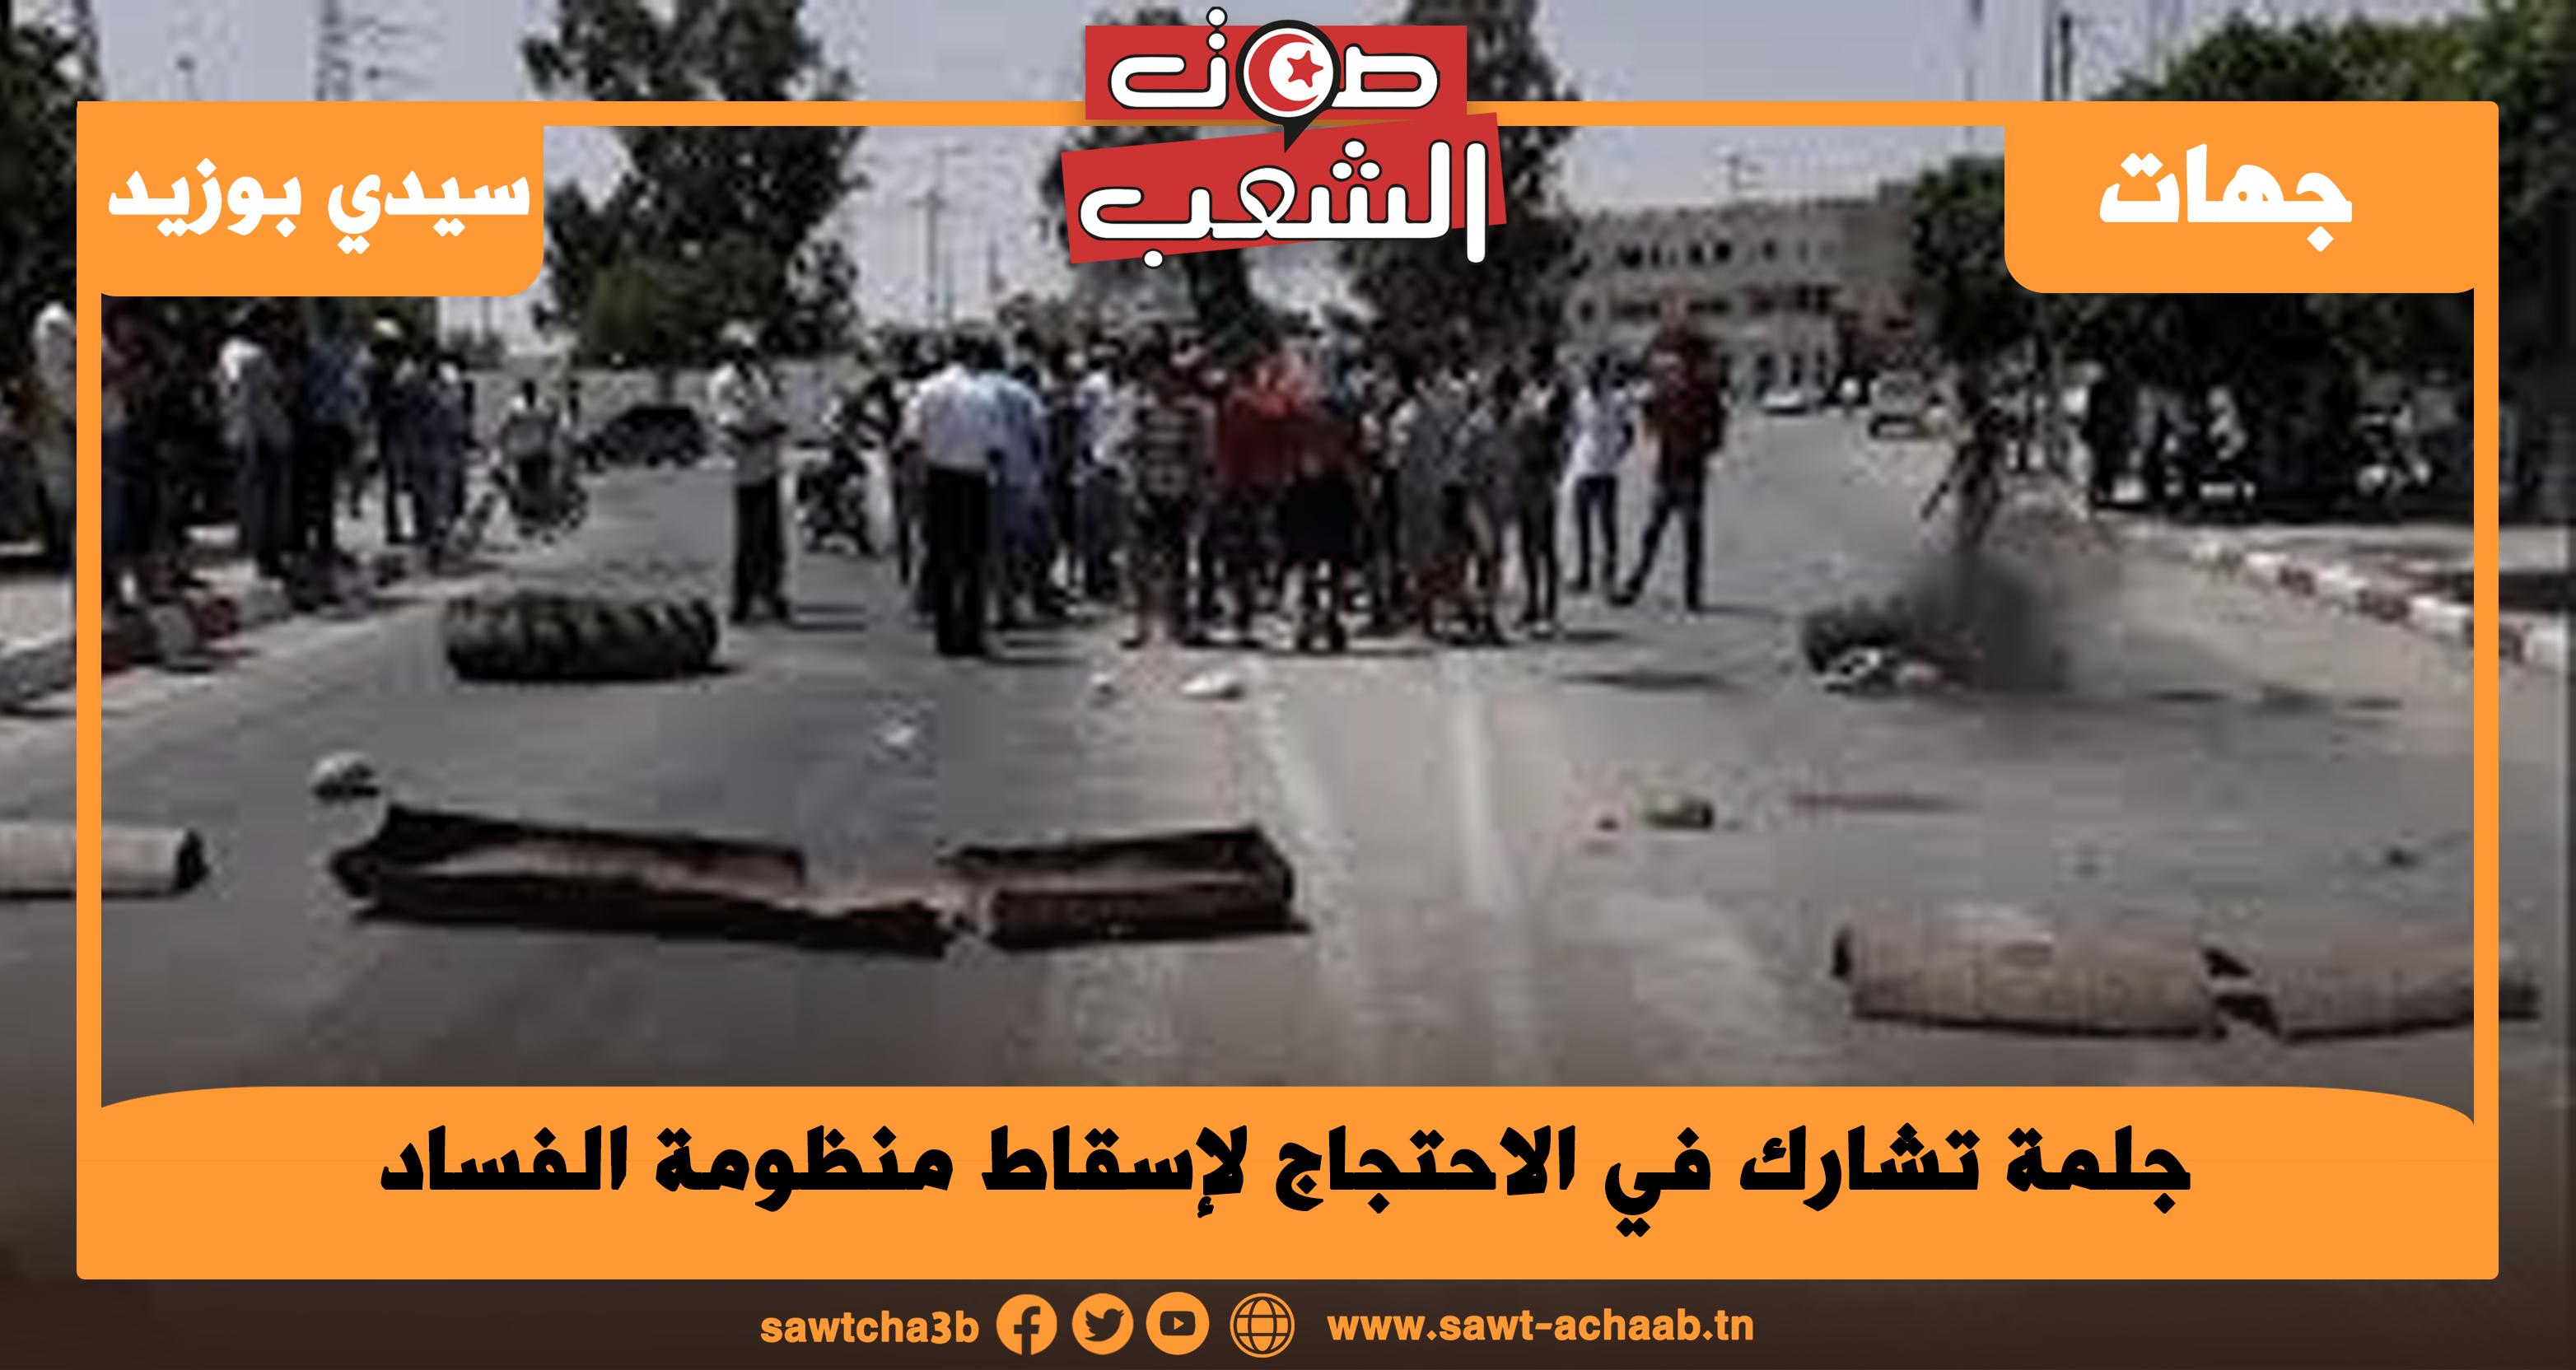 جلمة تشارك في الاحتجاج لإسقاط منظومة الفساد